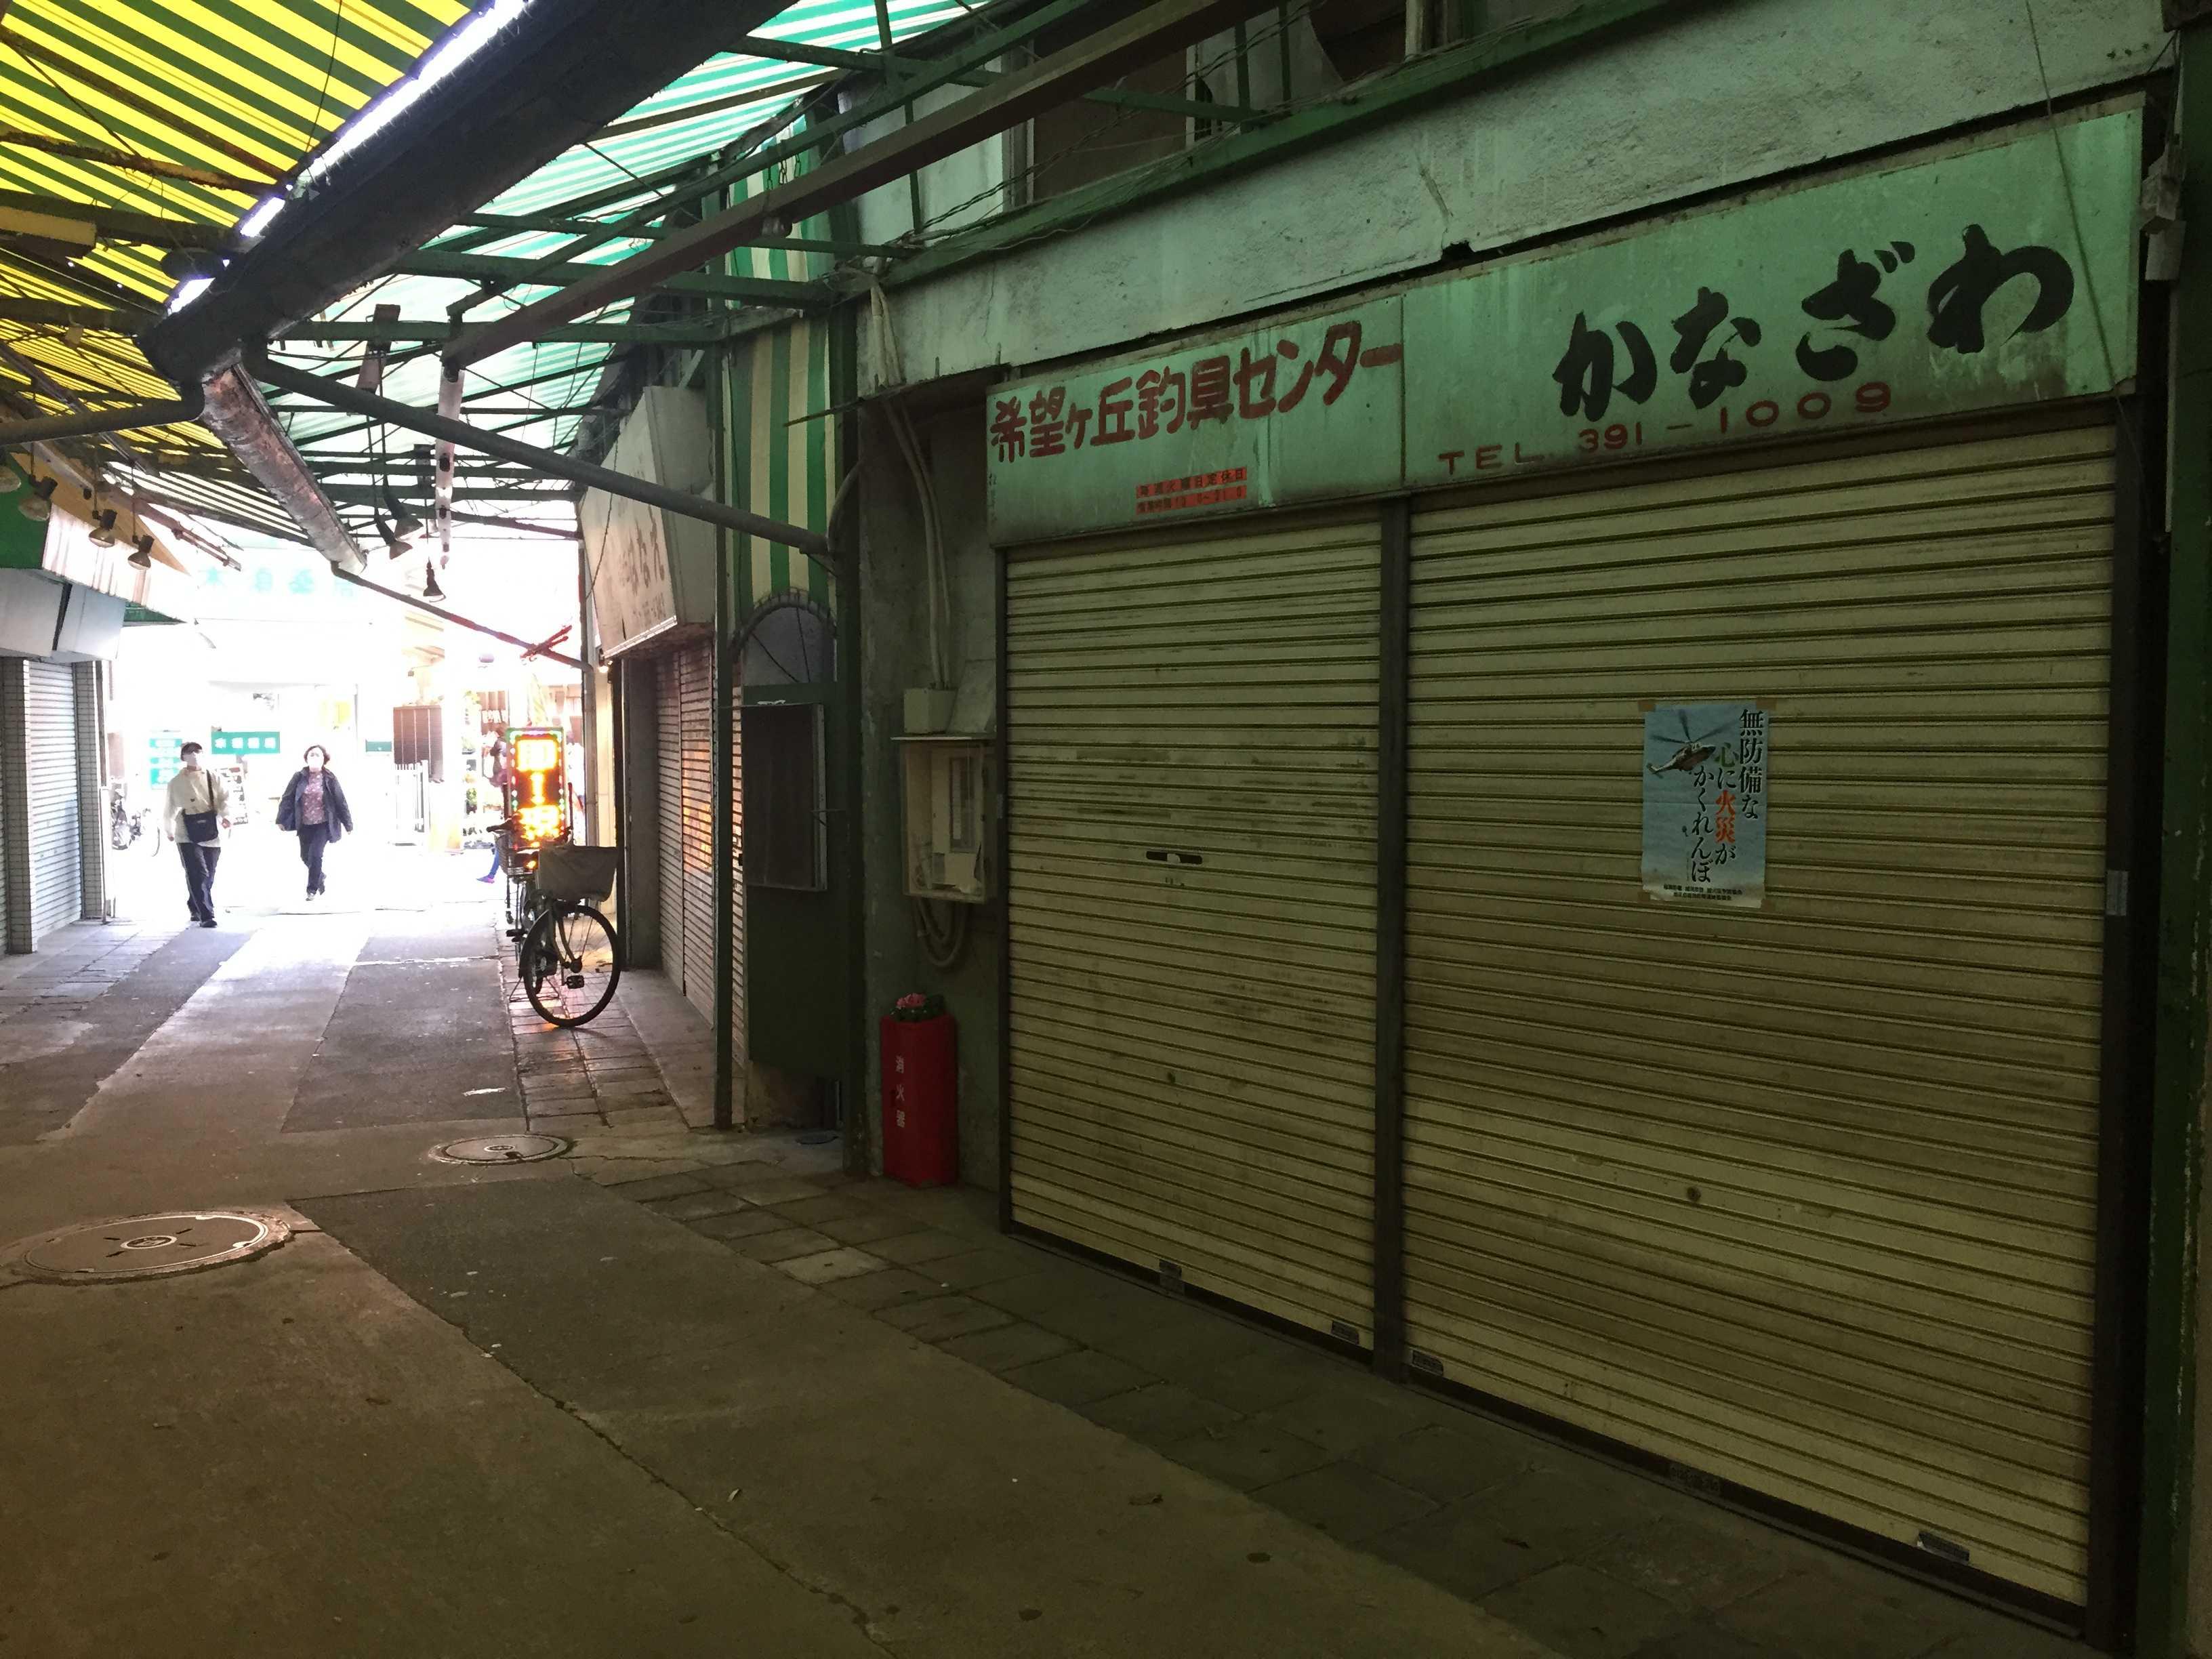 釣具屋さん - 希望ヶ丘ショッピングセンター